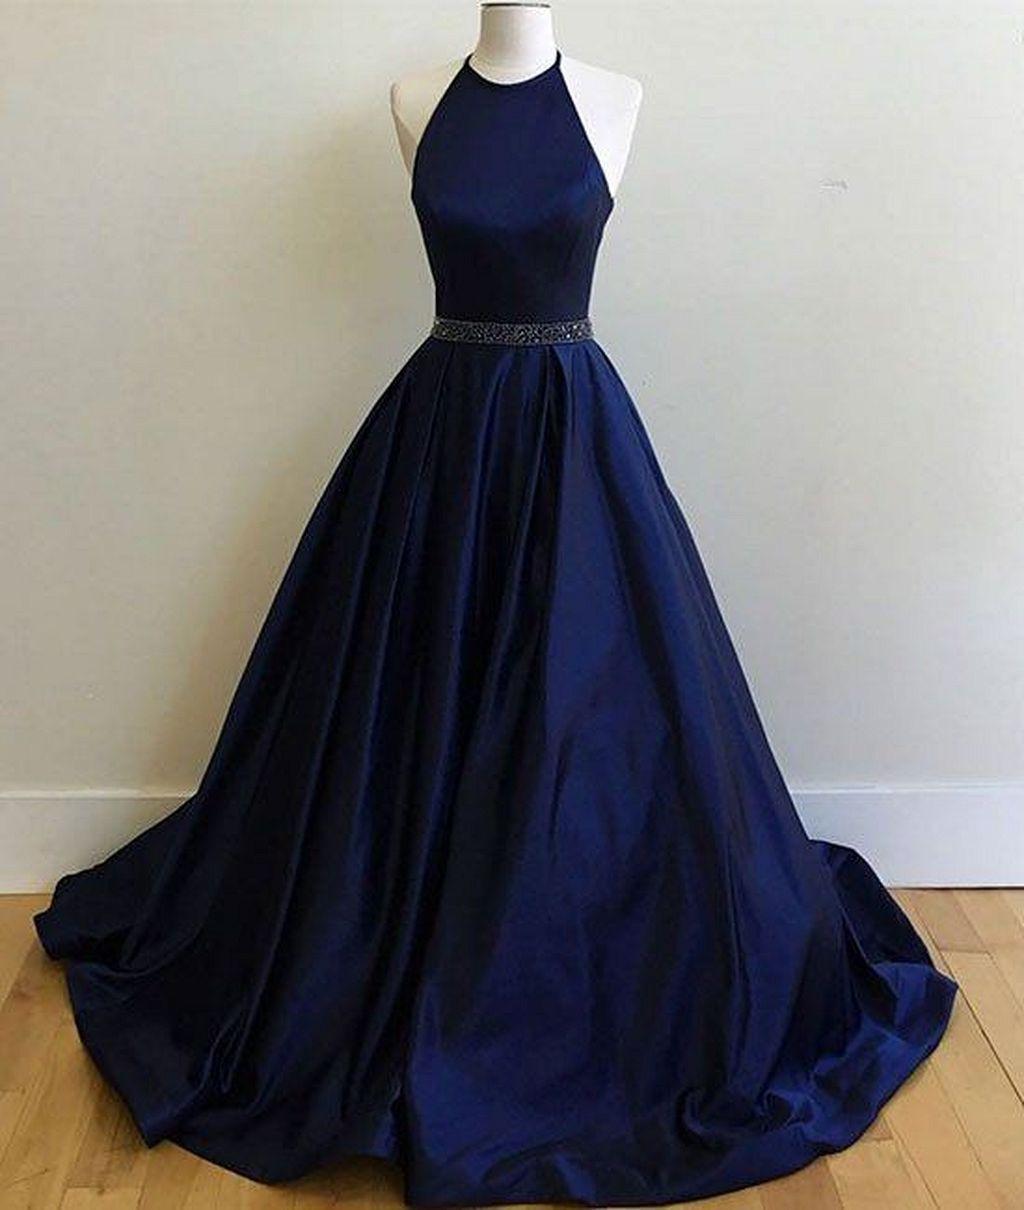 15 Schön Elegante Abendkleidung Stylish17 Kreativ Elegante Abendkleidung Vertrieb